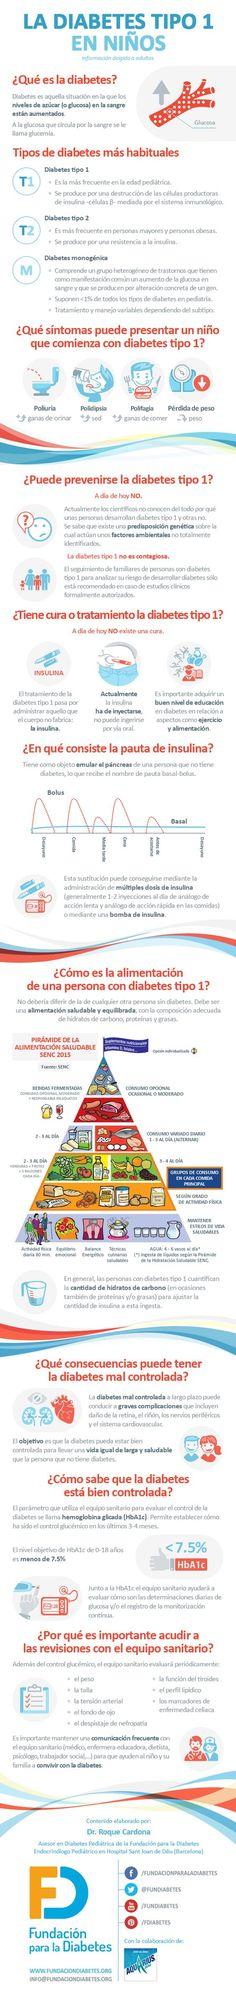 vivir bien con diabetes tipo 1